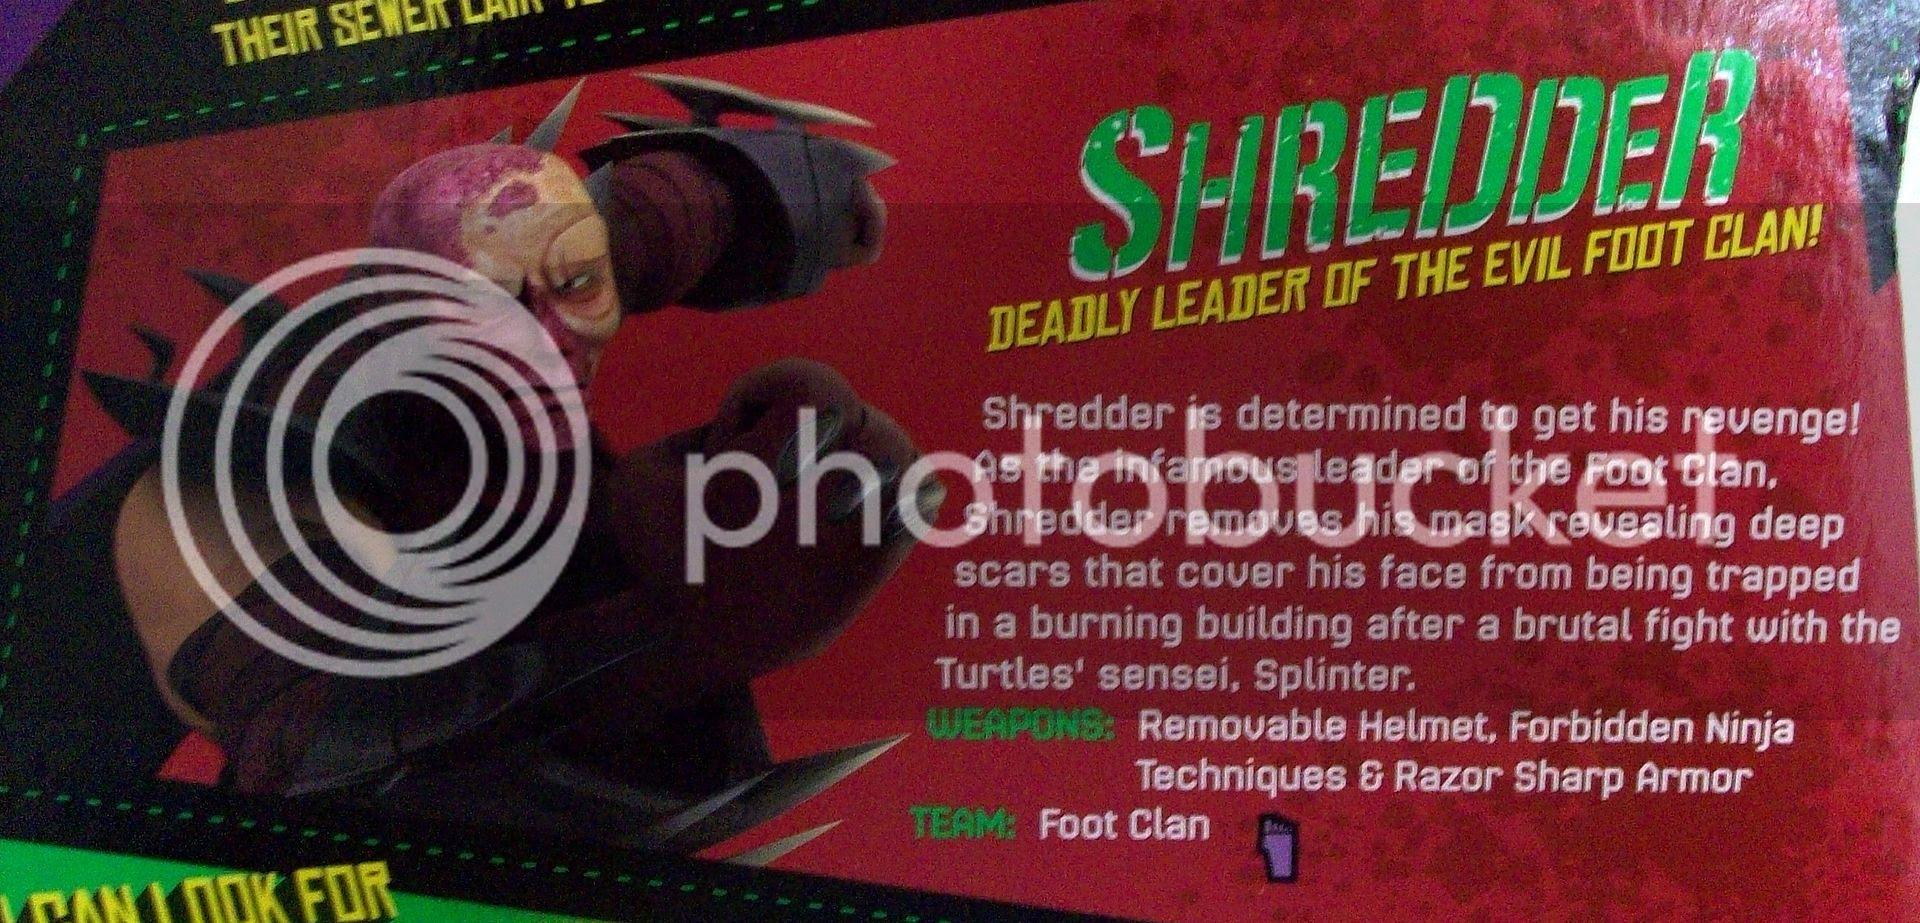 TMNT Shredder photo 100_5595_zps868a76e6.jpg